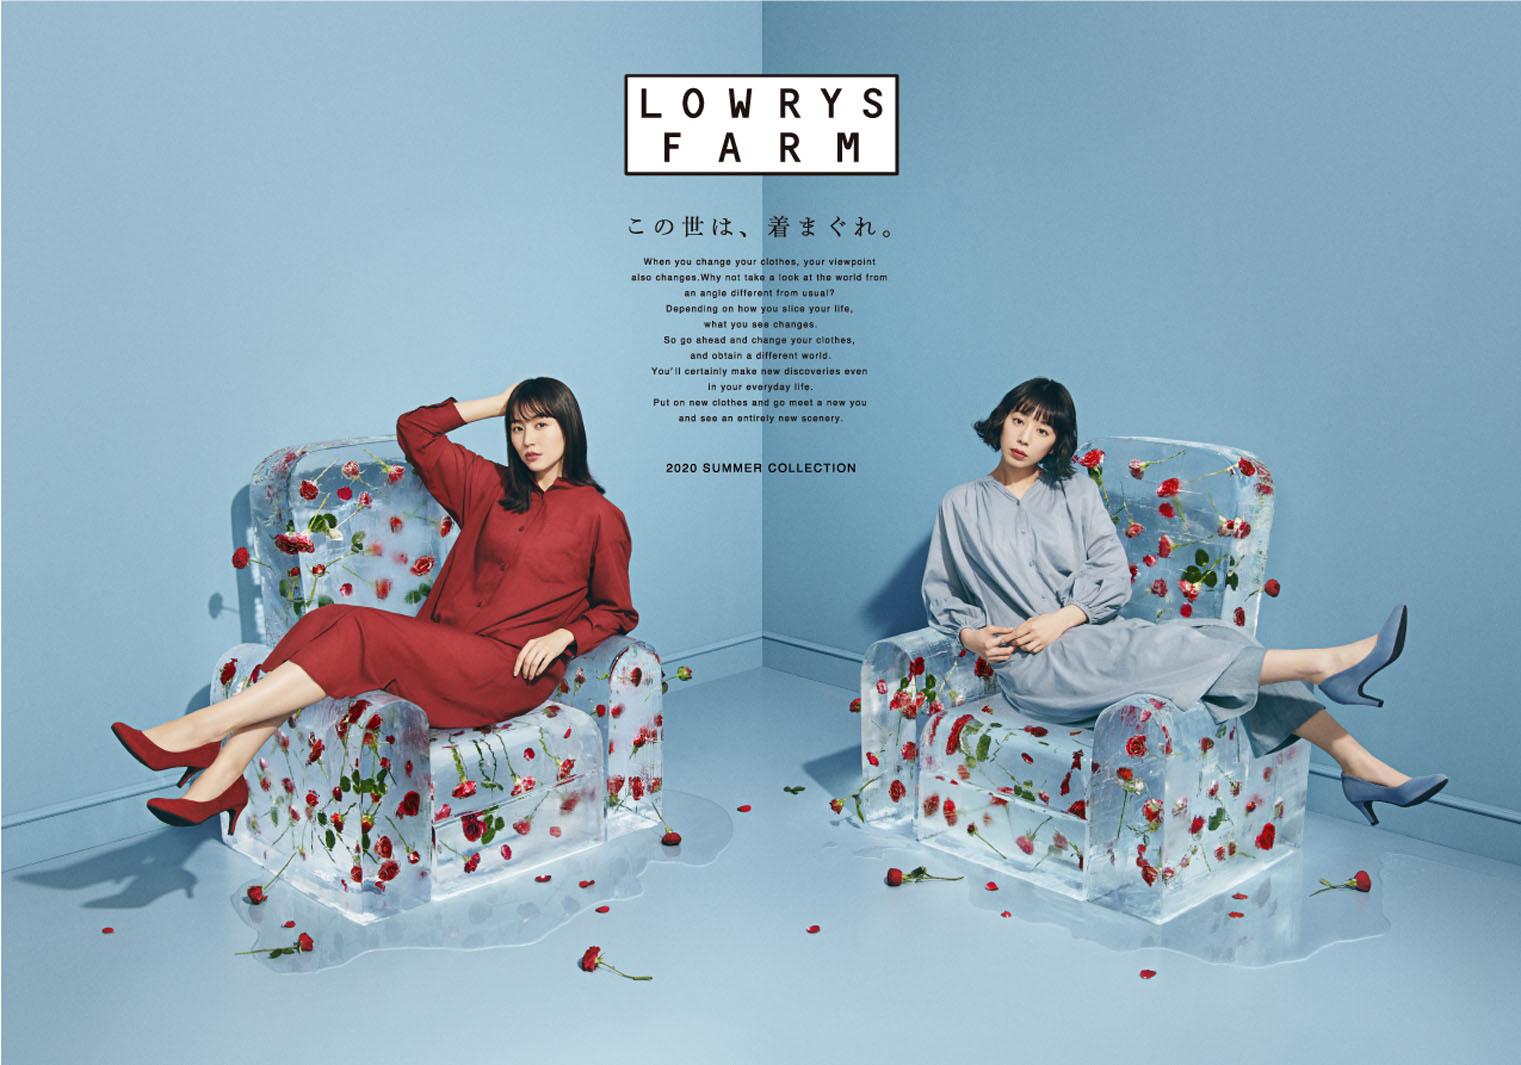 長澤まさみ&夏帆、氷ソファーが美しい「LOWRYS FARM2020夏ビジュアル」